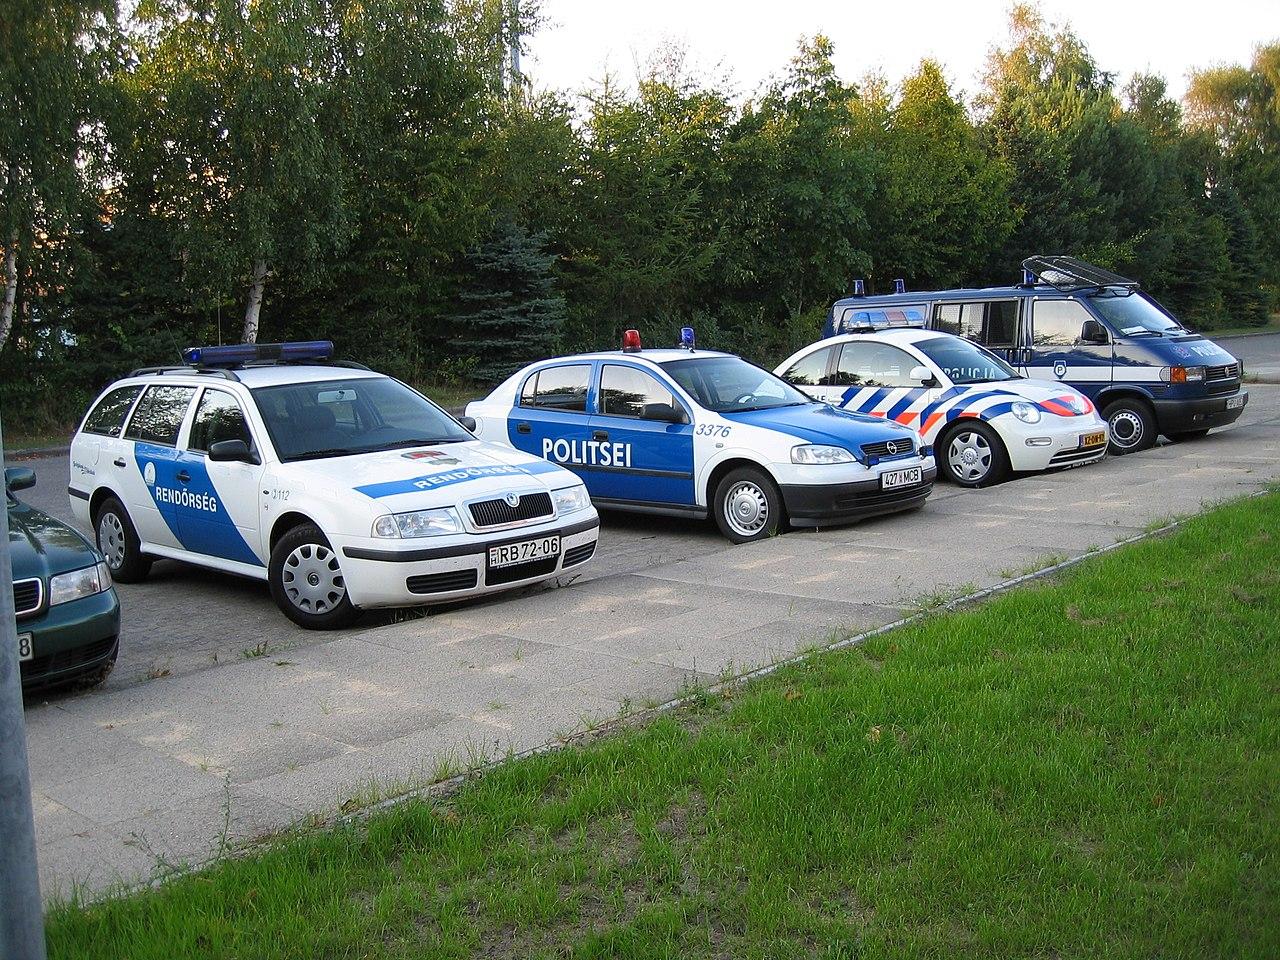 File:Hungaria, Estonia, Dutch and Polish police cars ...